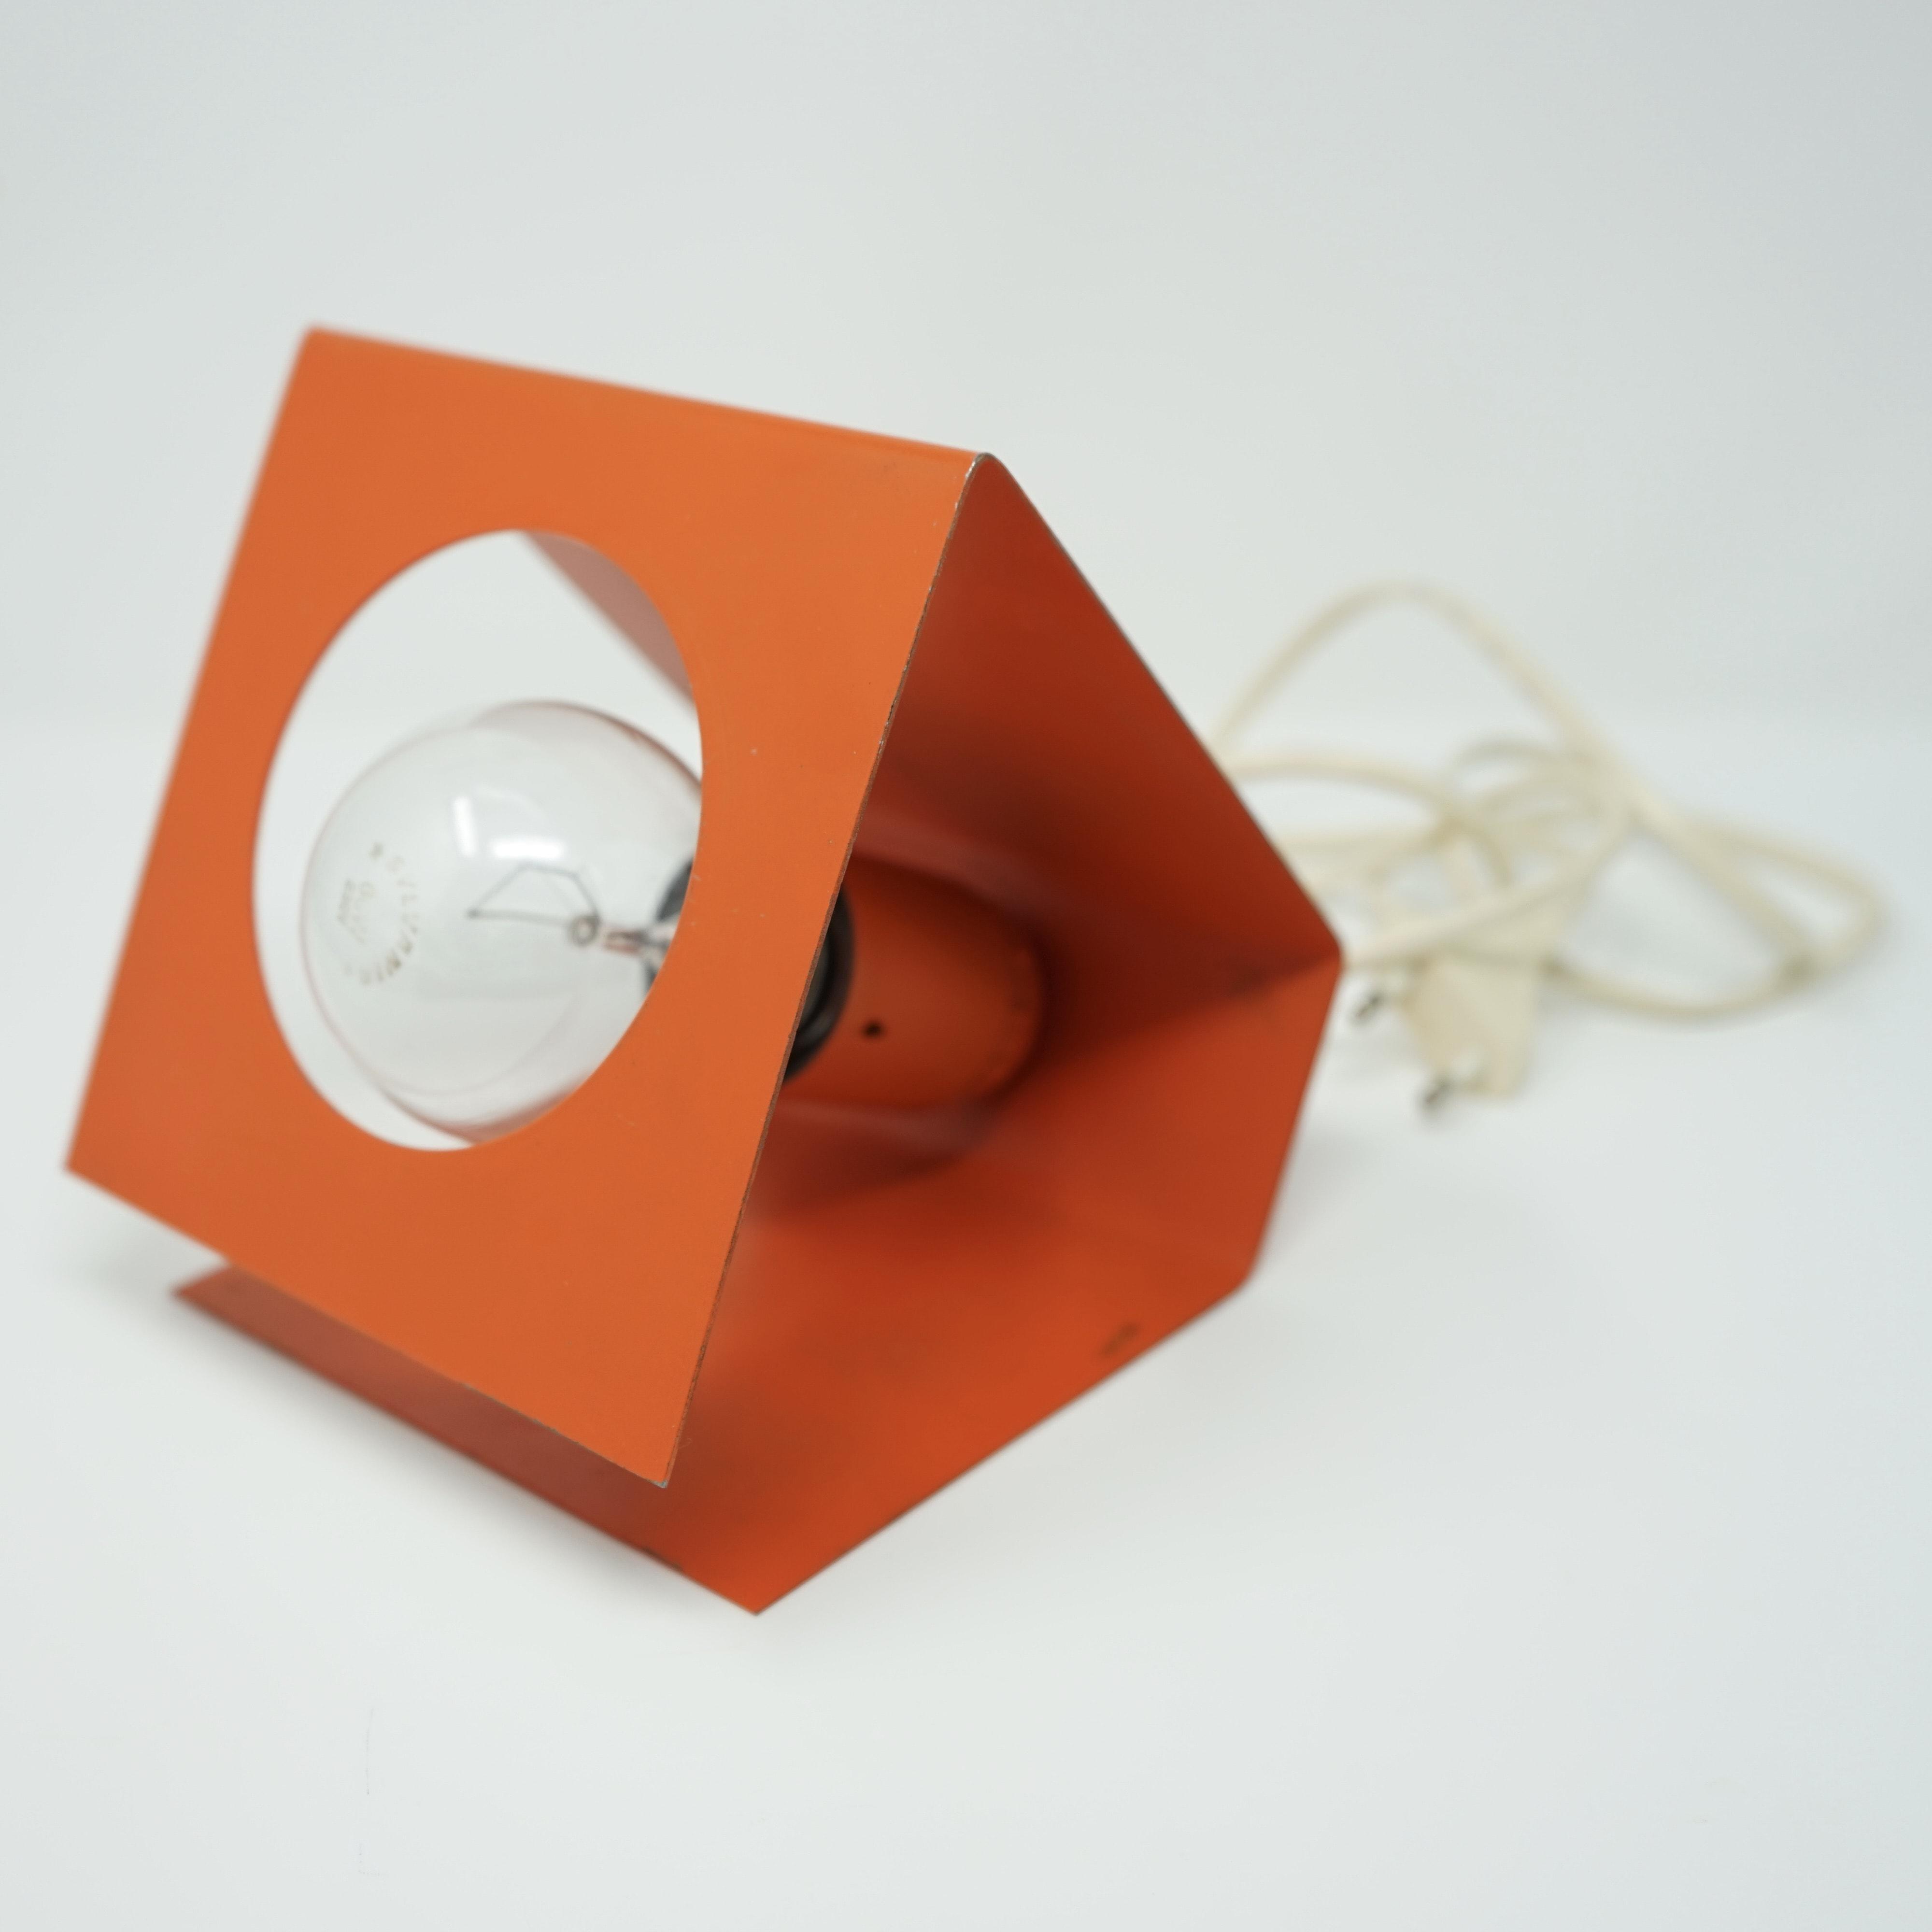 Lampe Orange en Tôle Pliée Années 70 Vue d'Ensemble